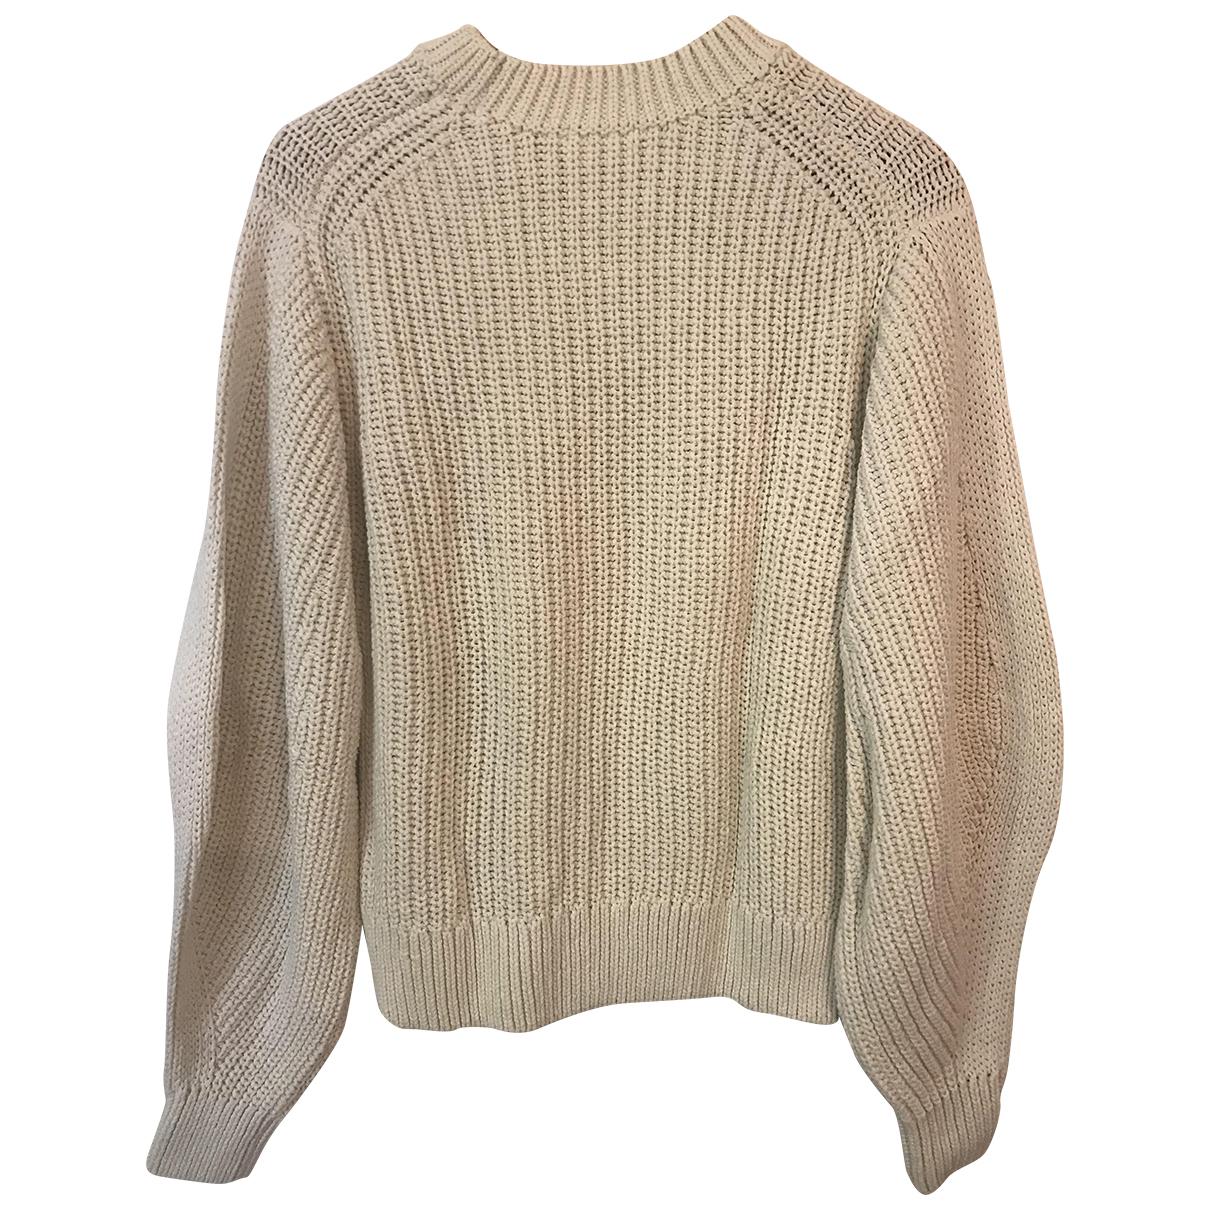 H&m Studio N Ecru Cotton Knitwear for Women S International